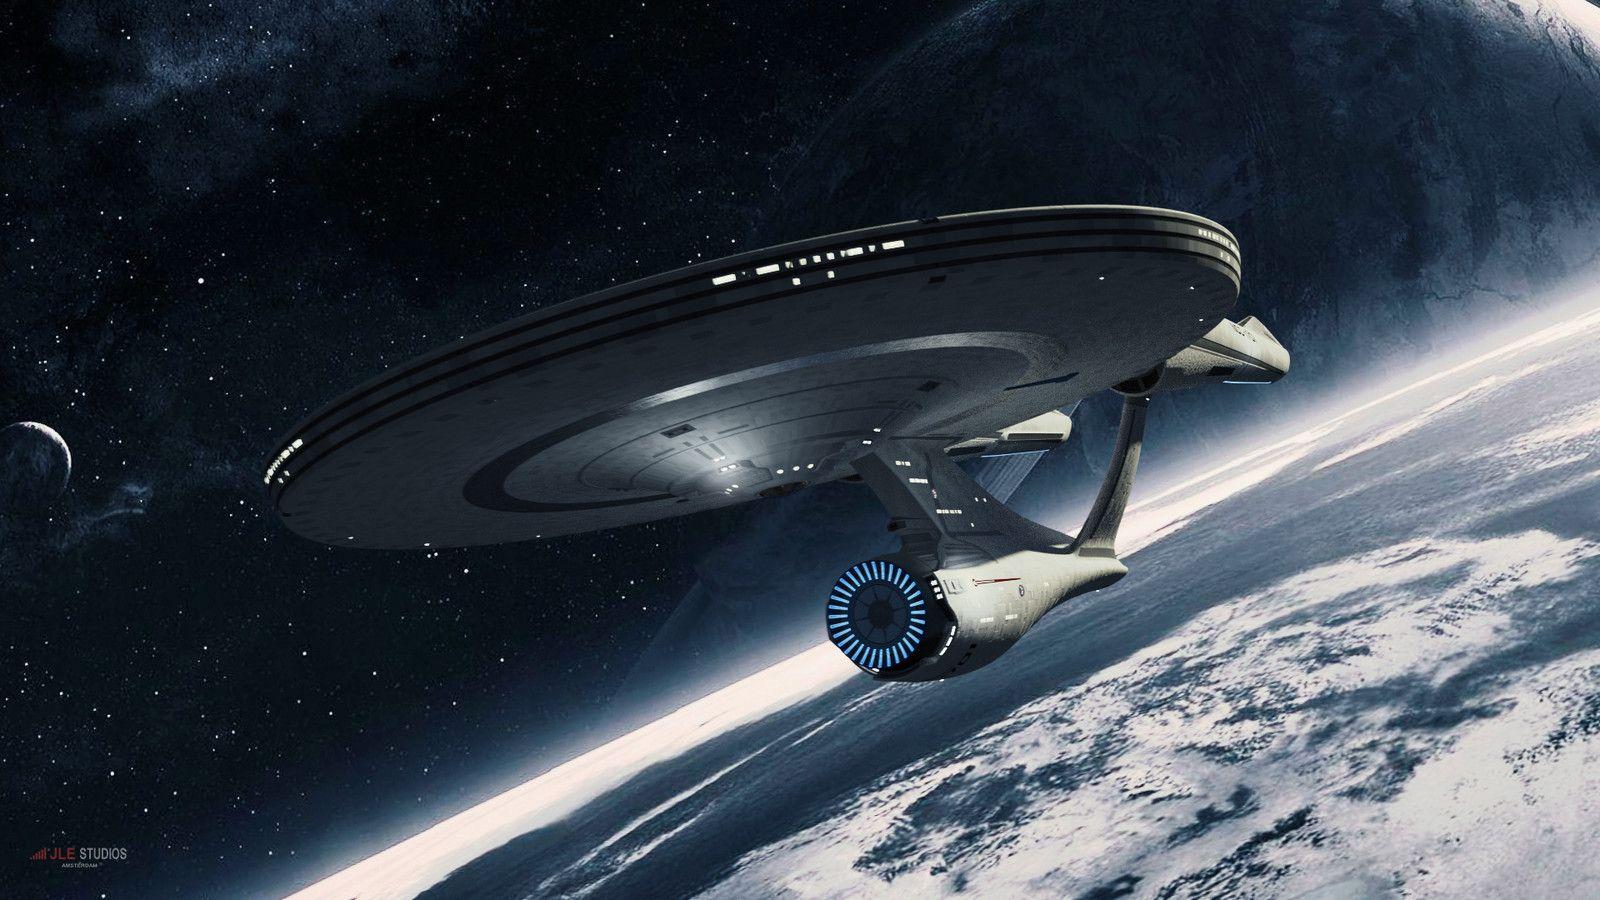 Uss Enterprise 1701 Blender 3d Artwork Team Dee Van Hoven Jle Studios On Artstation At Https Www Uss Enterprise Star Trek Starships Star Trek Enterprise